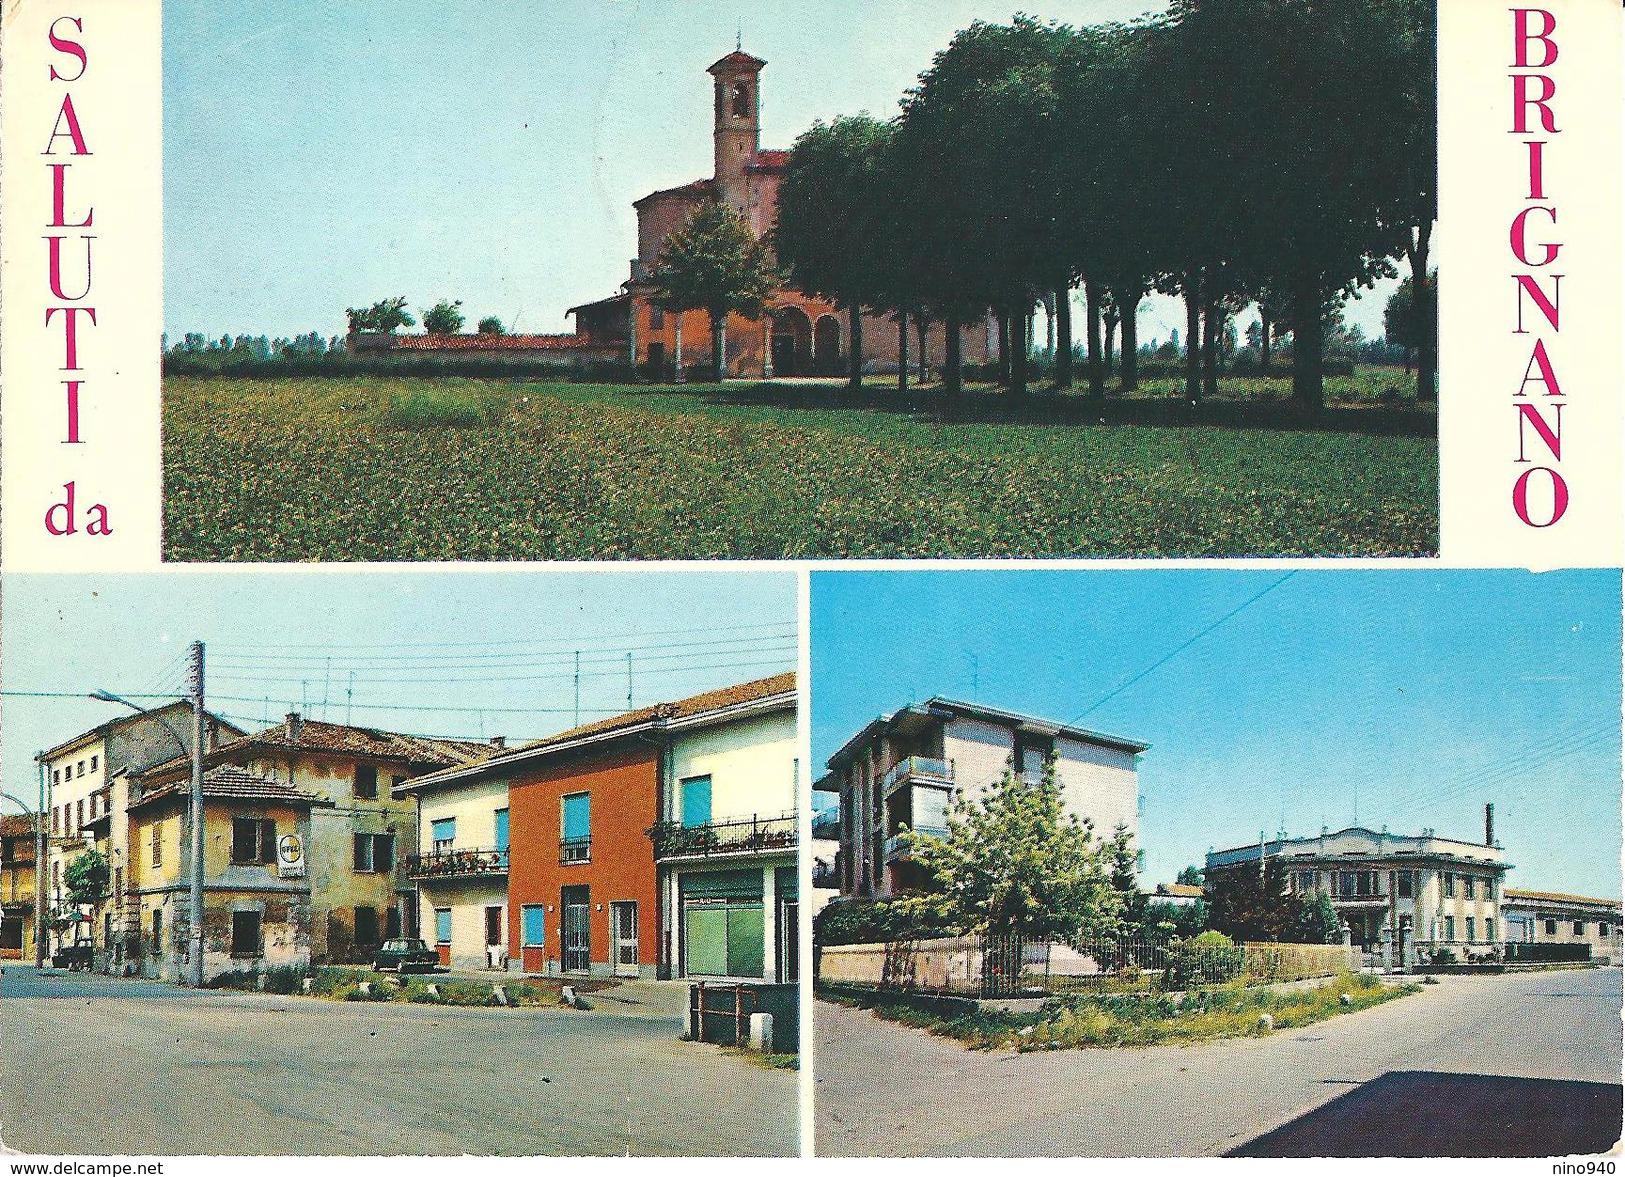 SALUTI DA BRIGNANO (BG)  - VEDUTINE - F/G - V - Italie